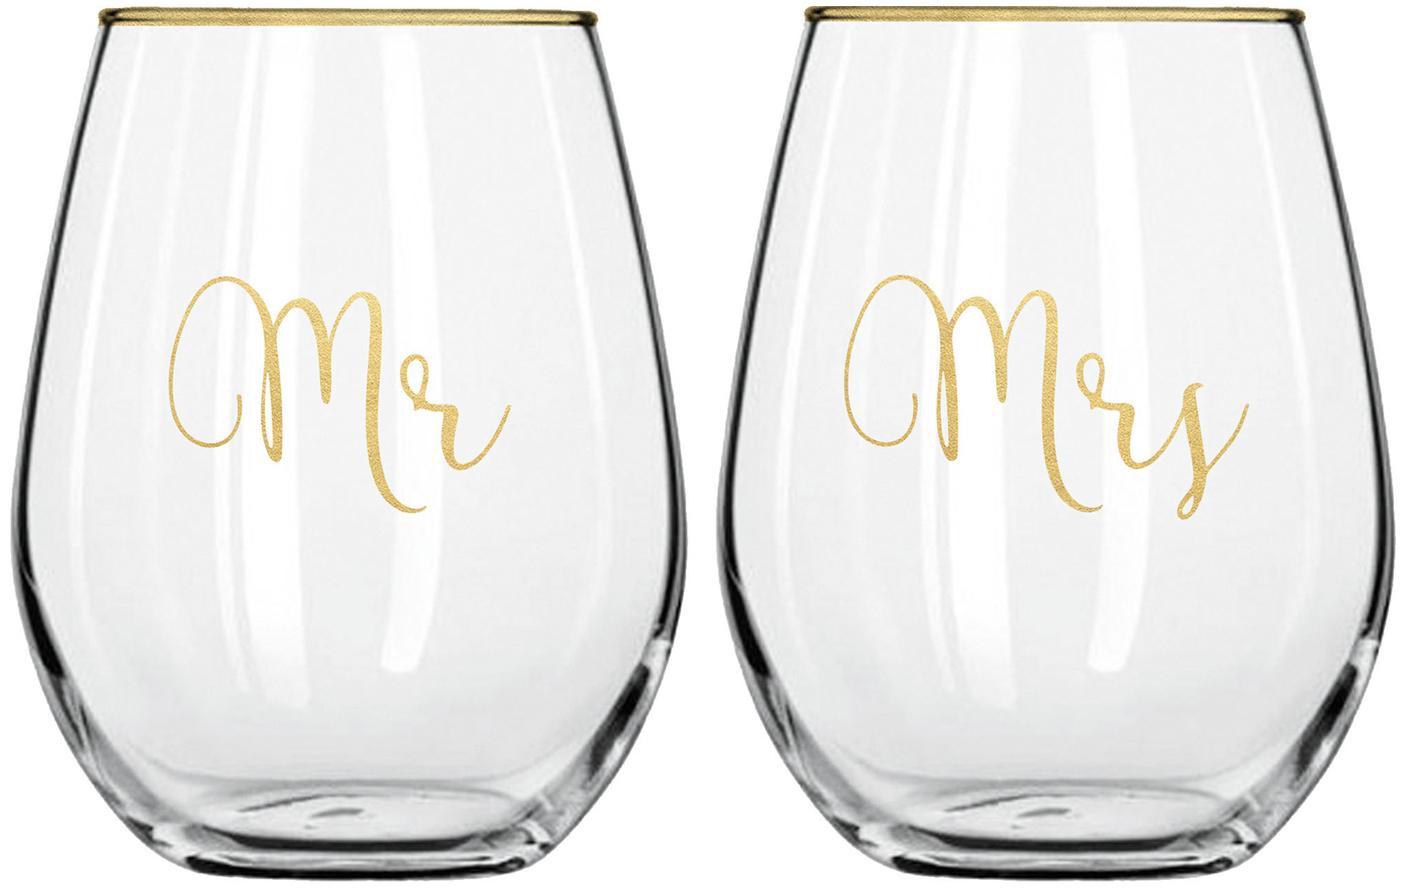 Glazenset Mr and Mrs met gouden opschrift, 2-delig, Glas, Transparant, goudkleurig, Ø 10 x H 13 cm